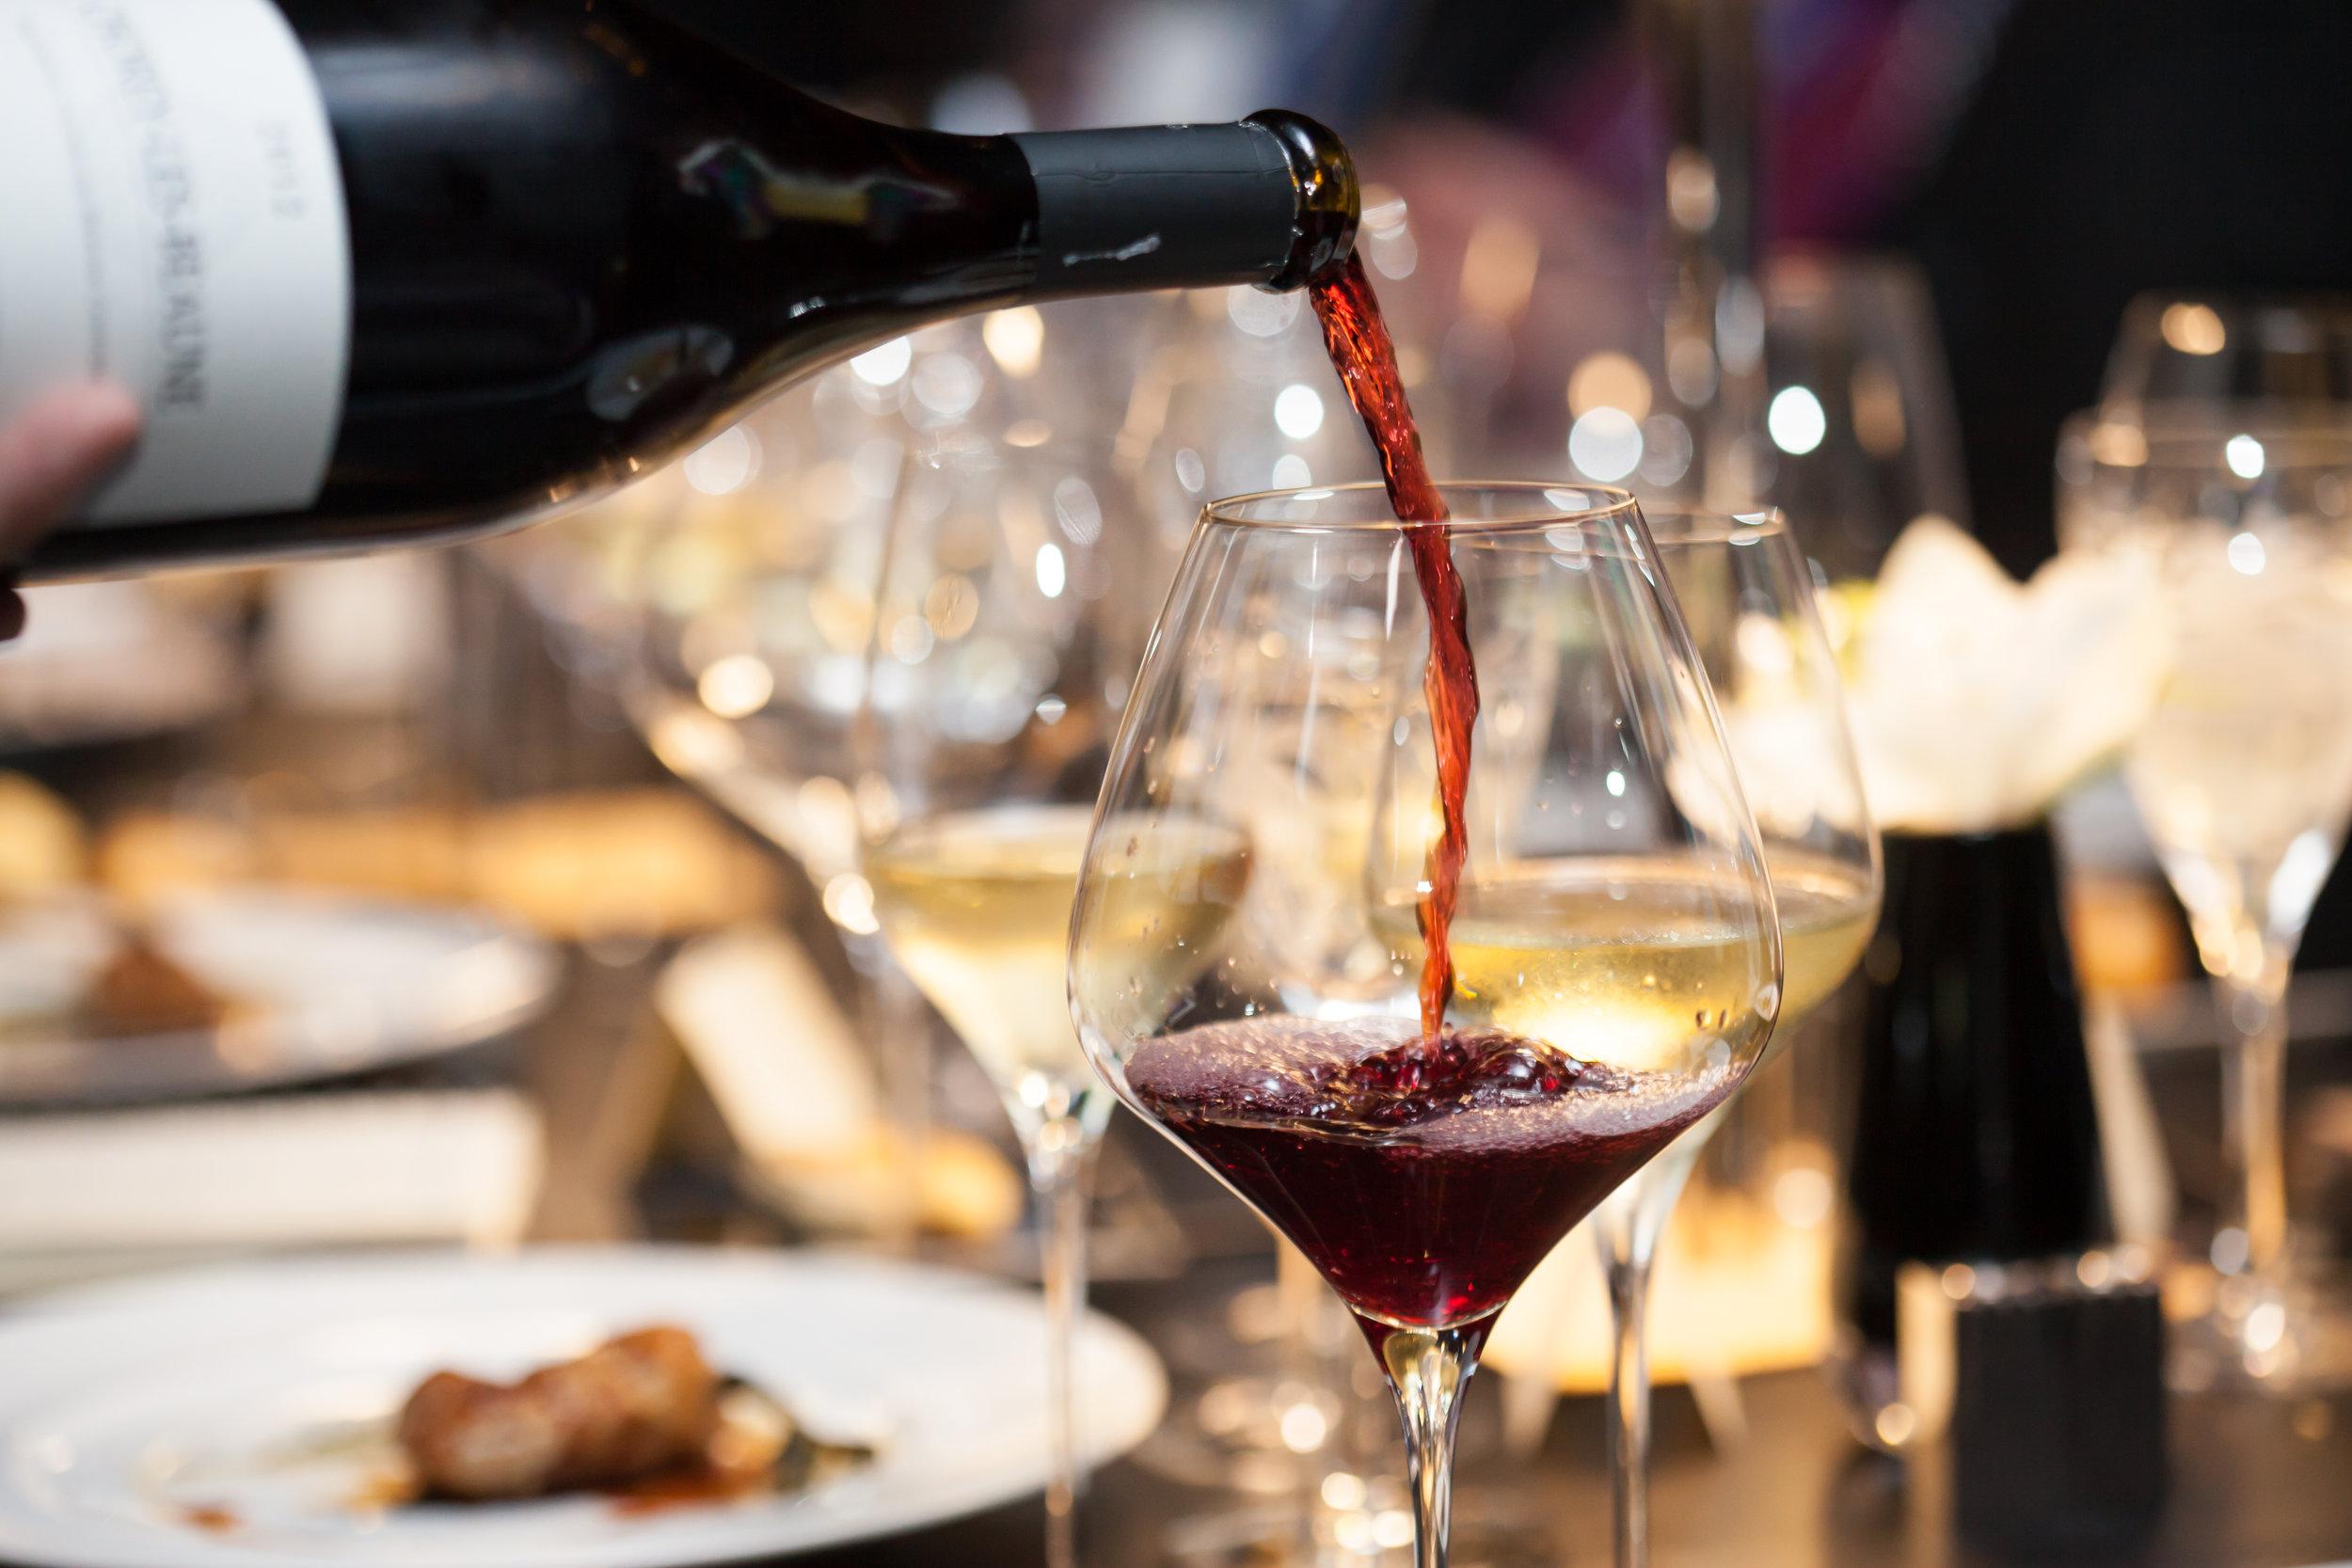 verre de vin au mariage.jpg